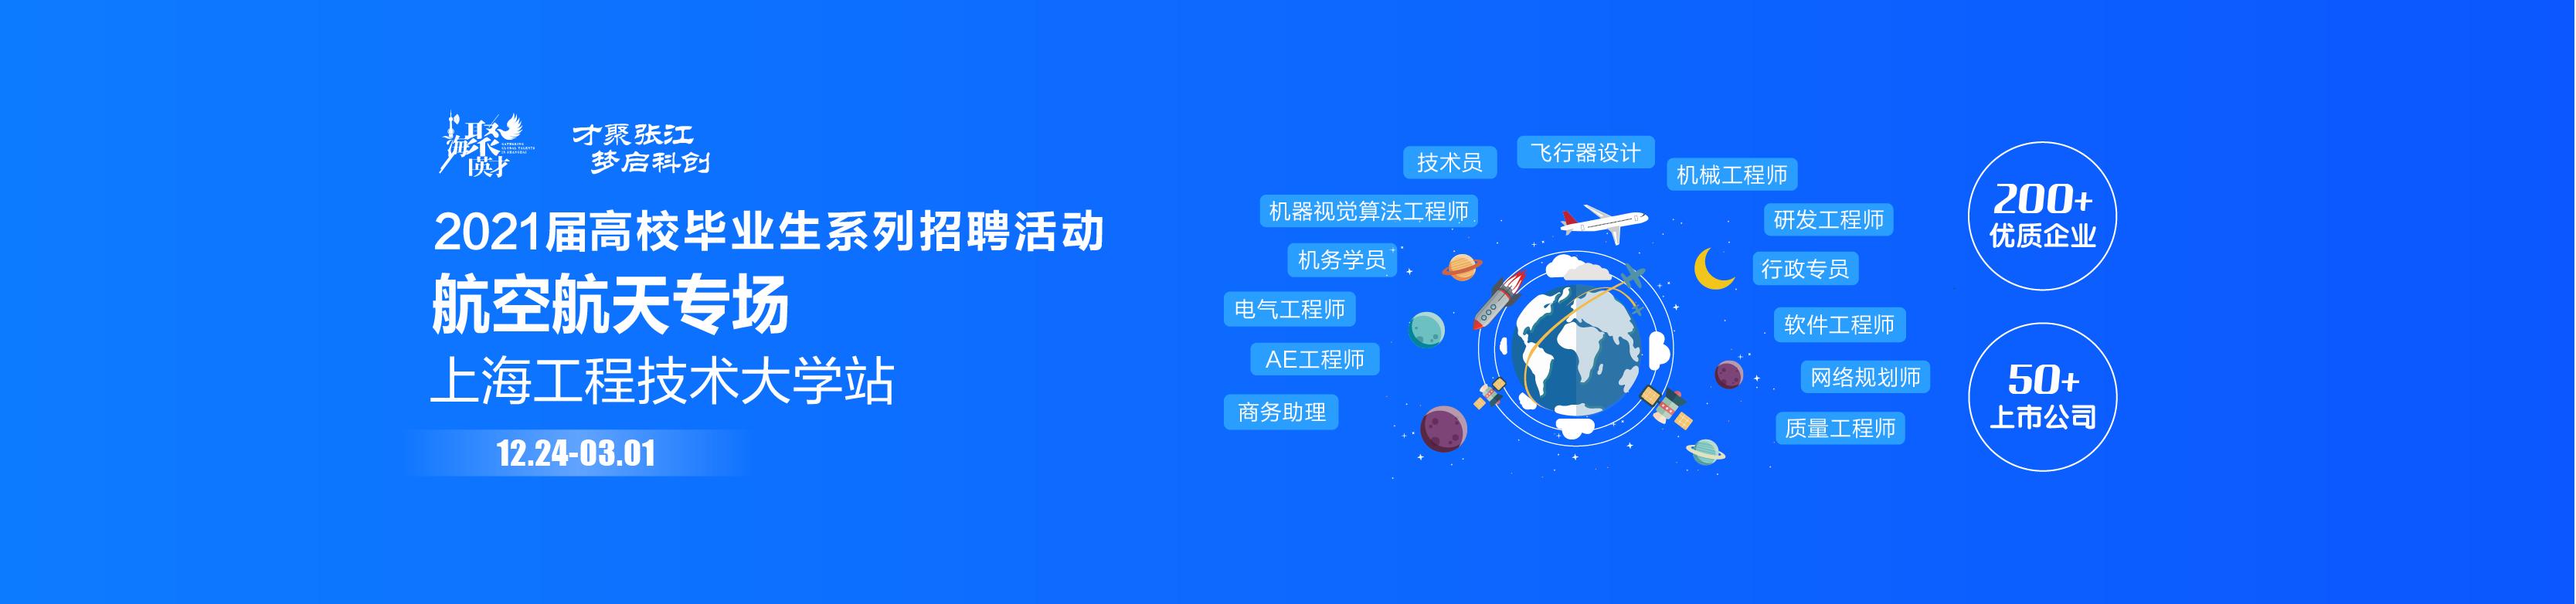 上海工程技术大学2021届毕业生招聘会航空航天专场